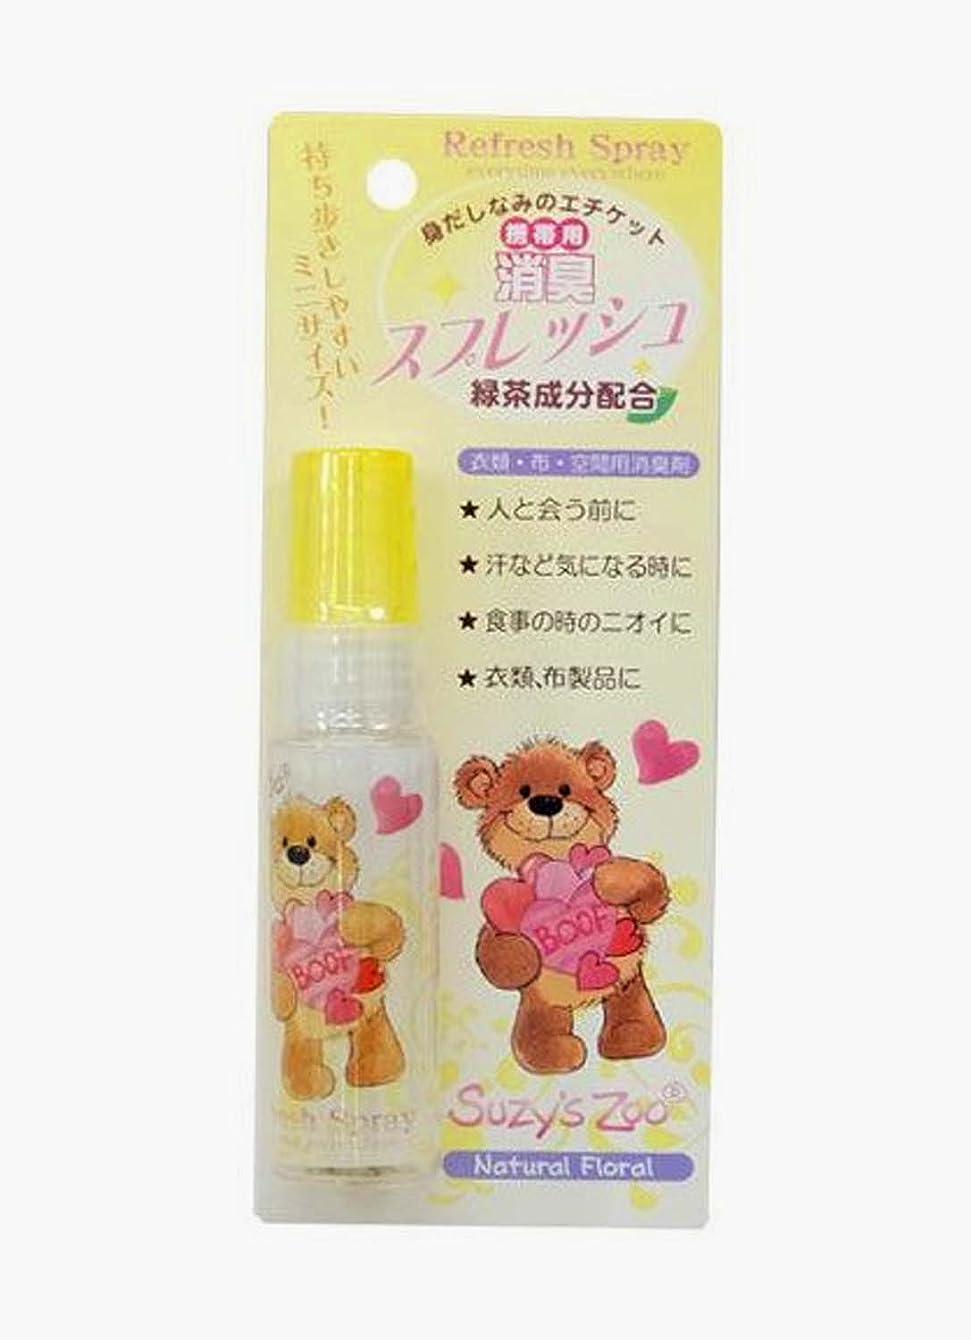 振り返るチャンピオン微視的キャラクター携帯用スプレッシュ (Suzy'sZoo(ナチュラルフローラルの香り))